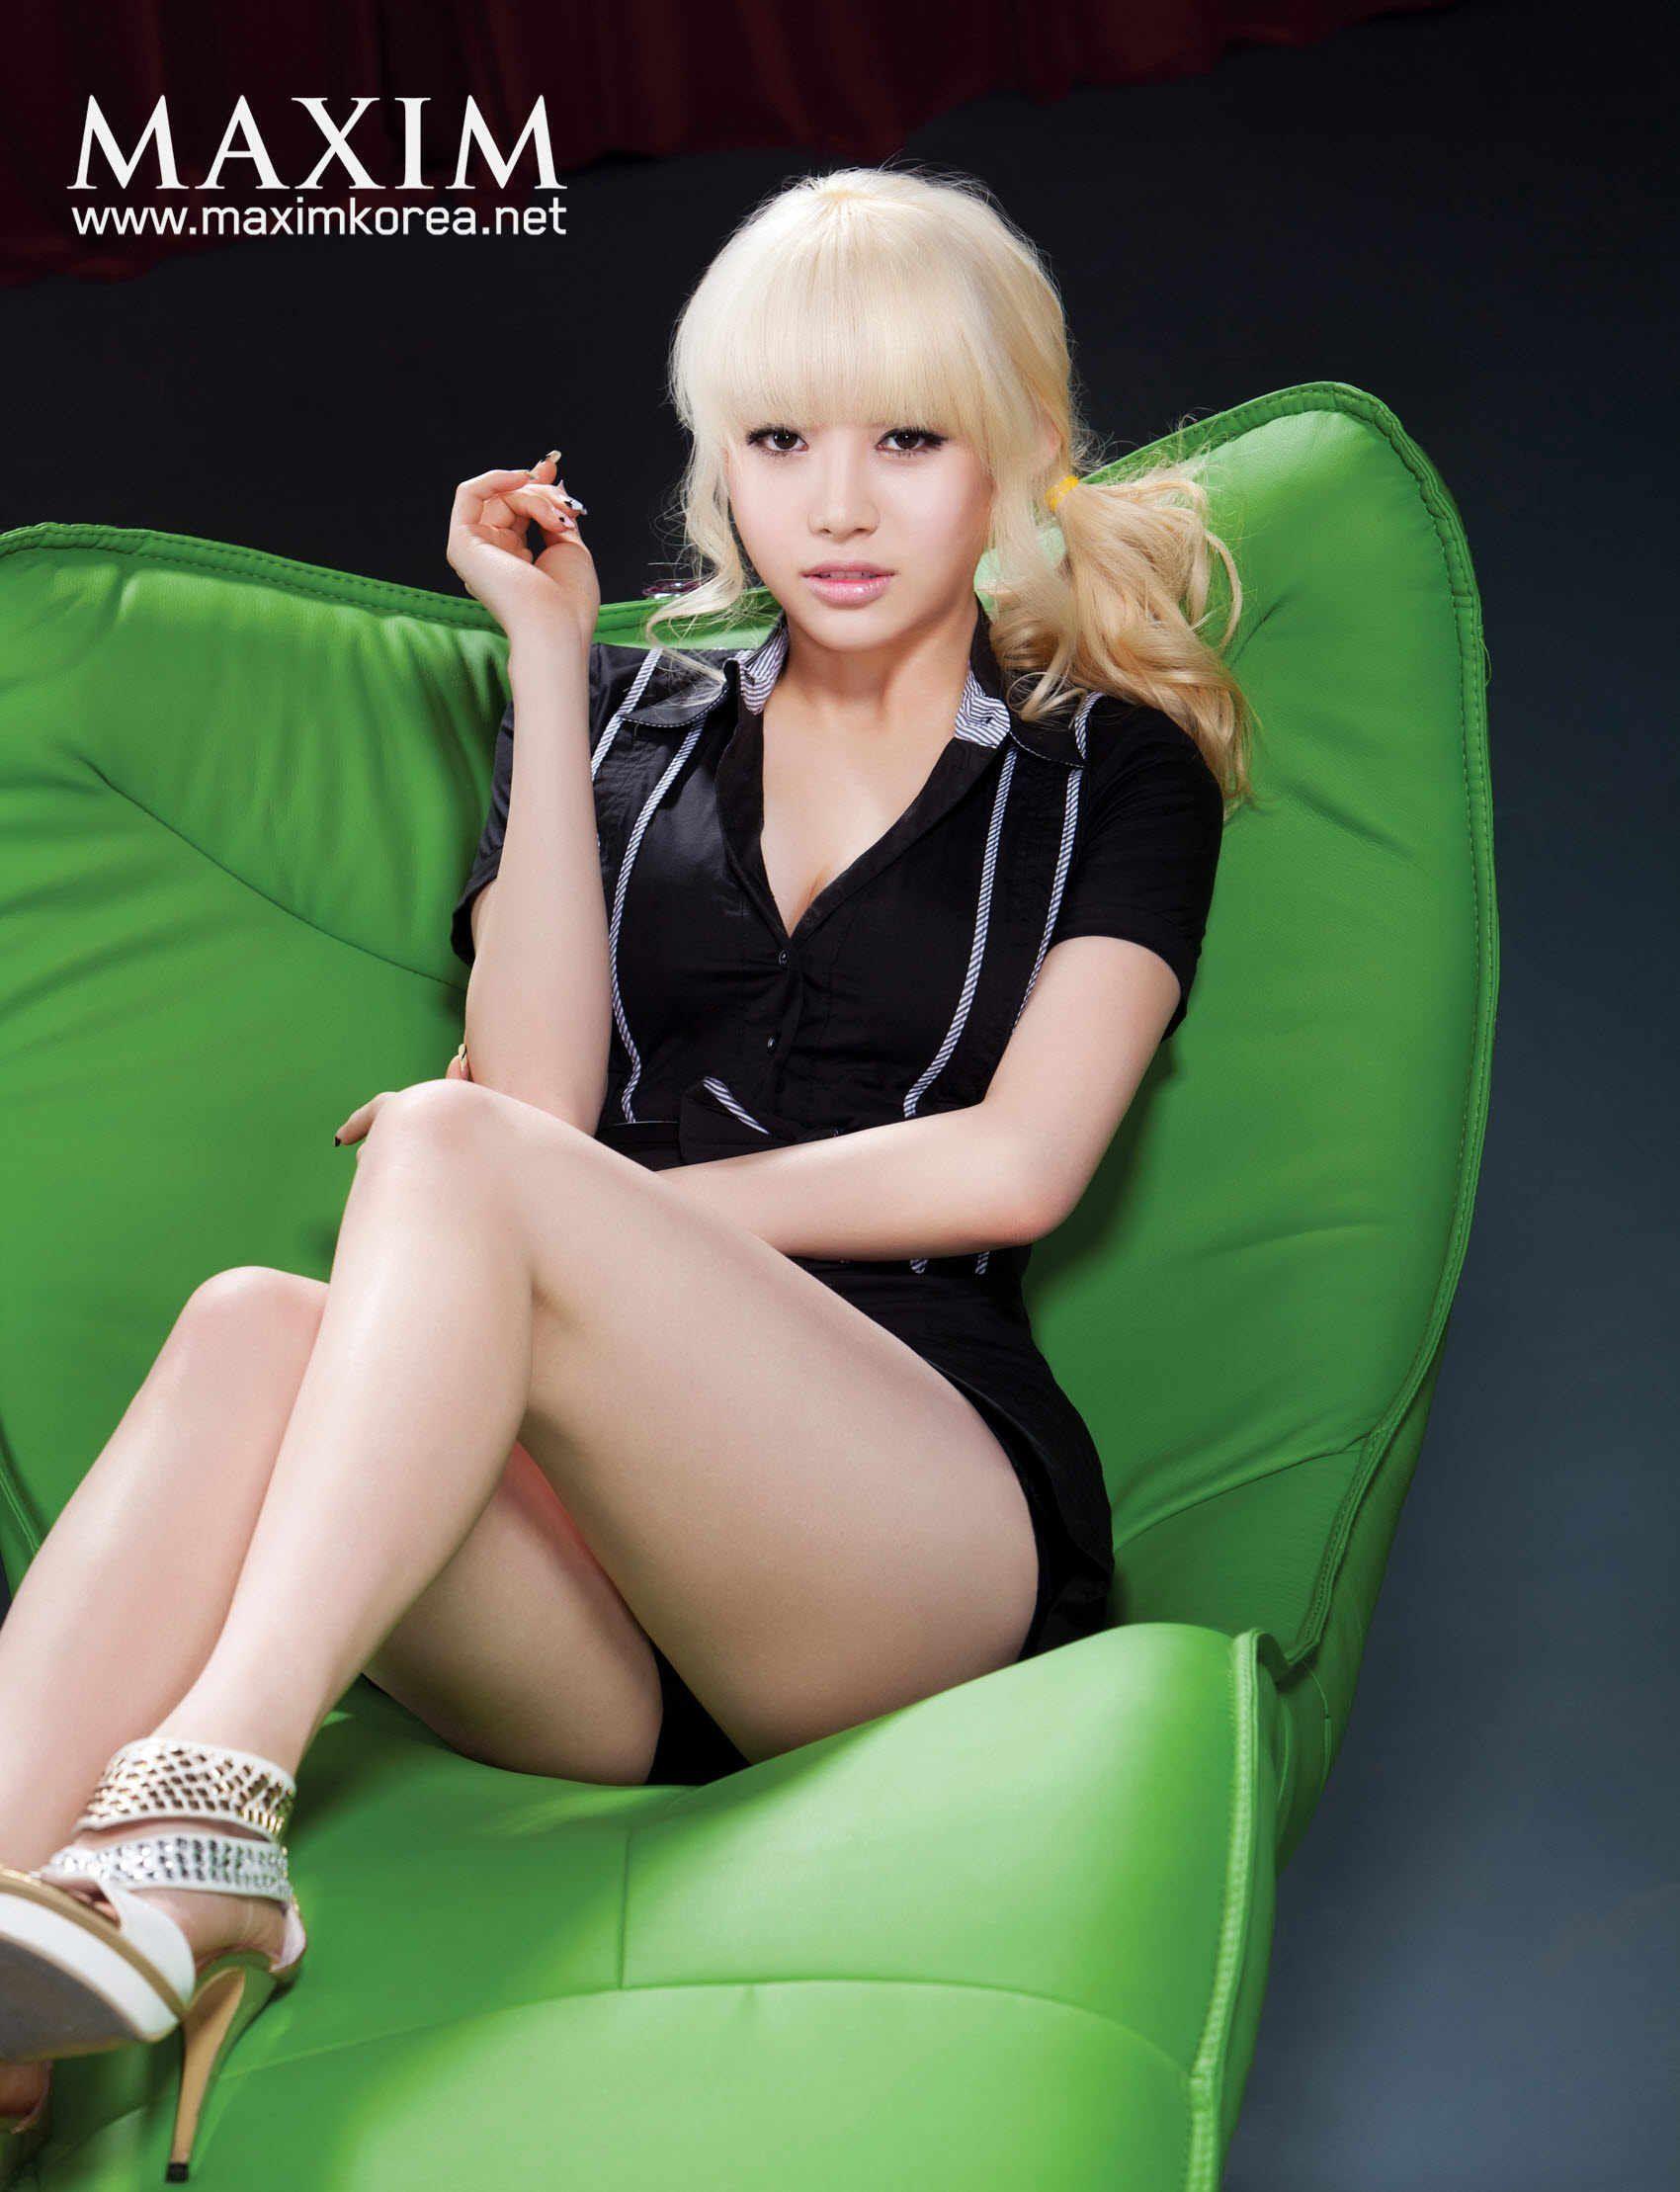 Korean nude model blond hair